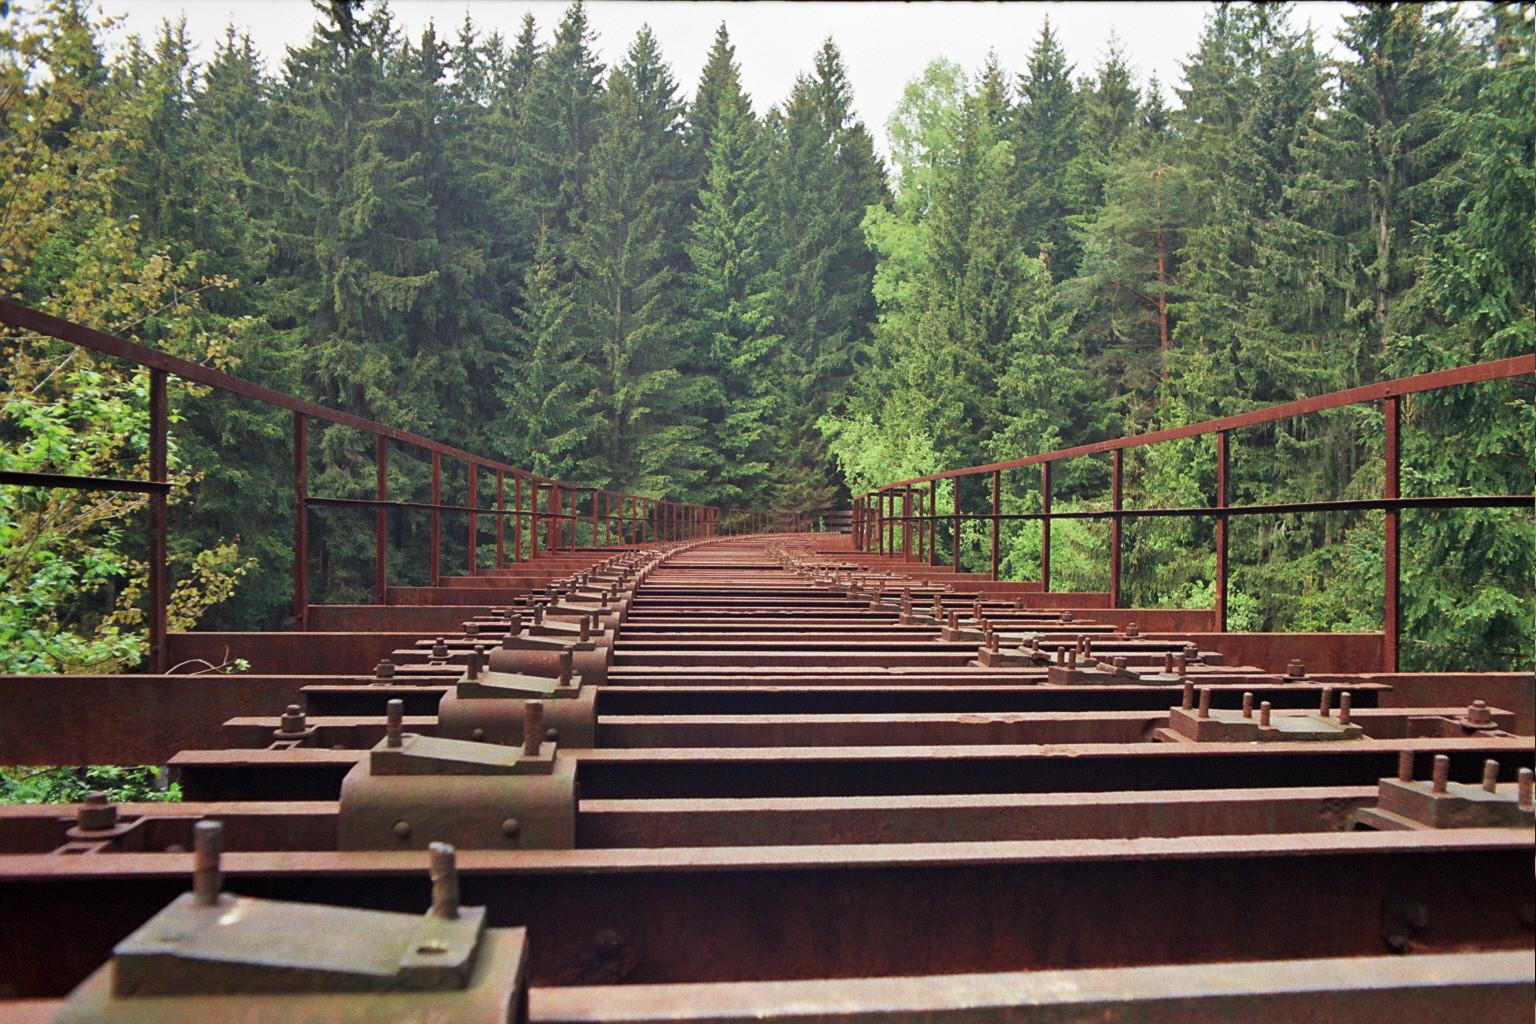 Das Foto zeigt eine rote, stählerne und rostige Eisenbahnbrücke ohne Gleise